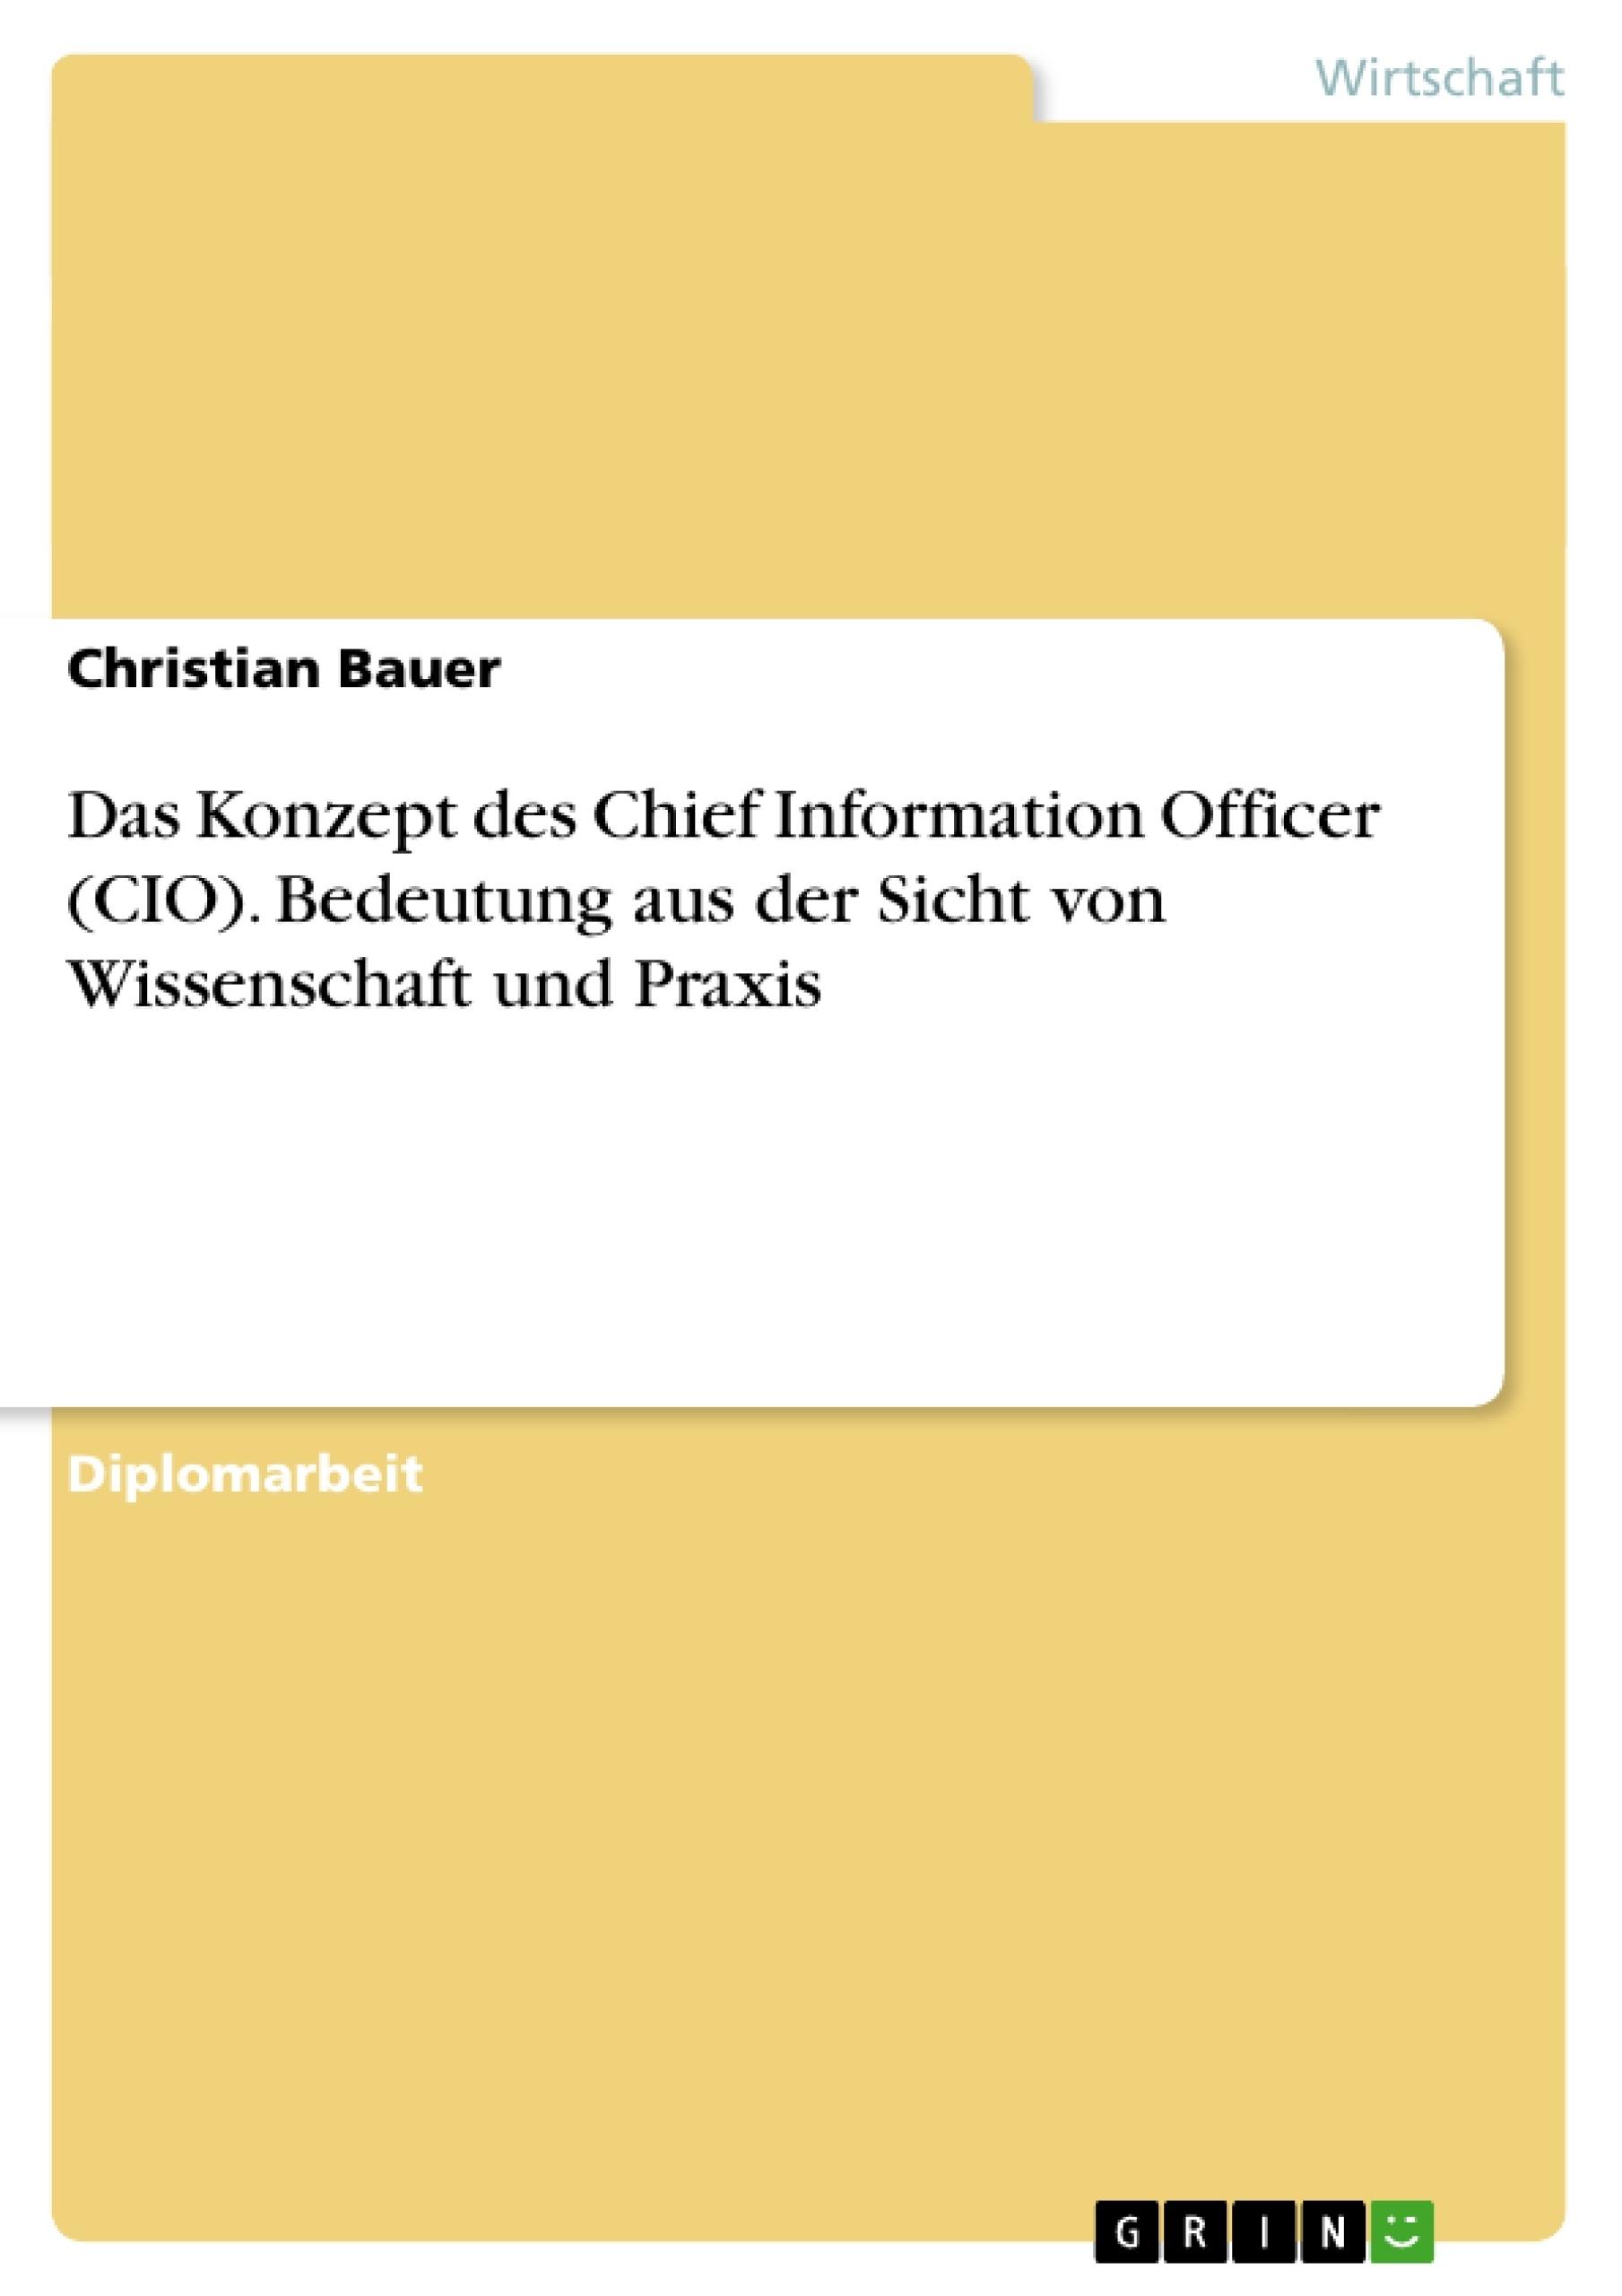 Titel: Das Konzept des Chief Information Officer (CIO). Bedeutung aus der Sicht von Wissenschaft und Praxis